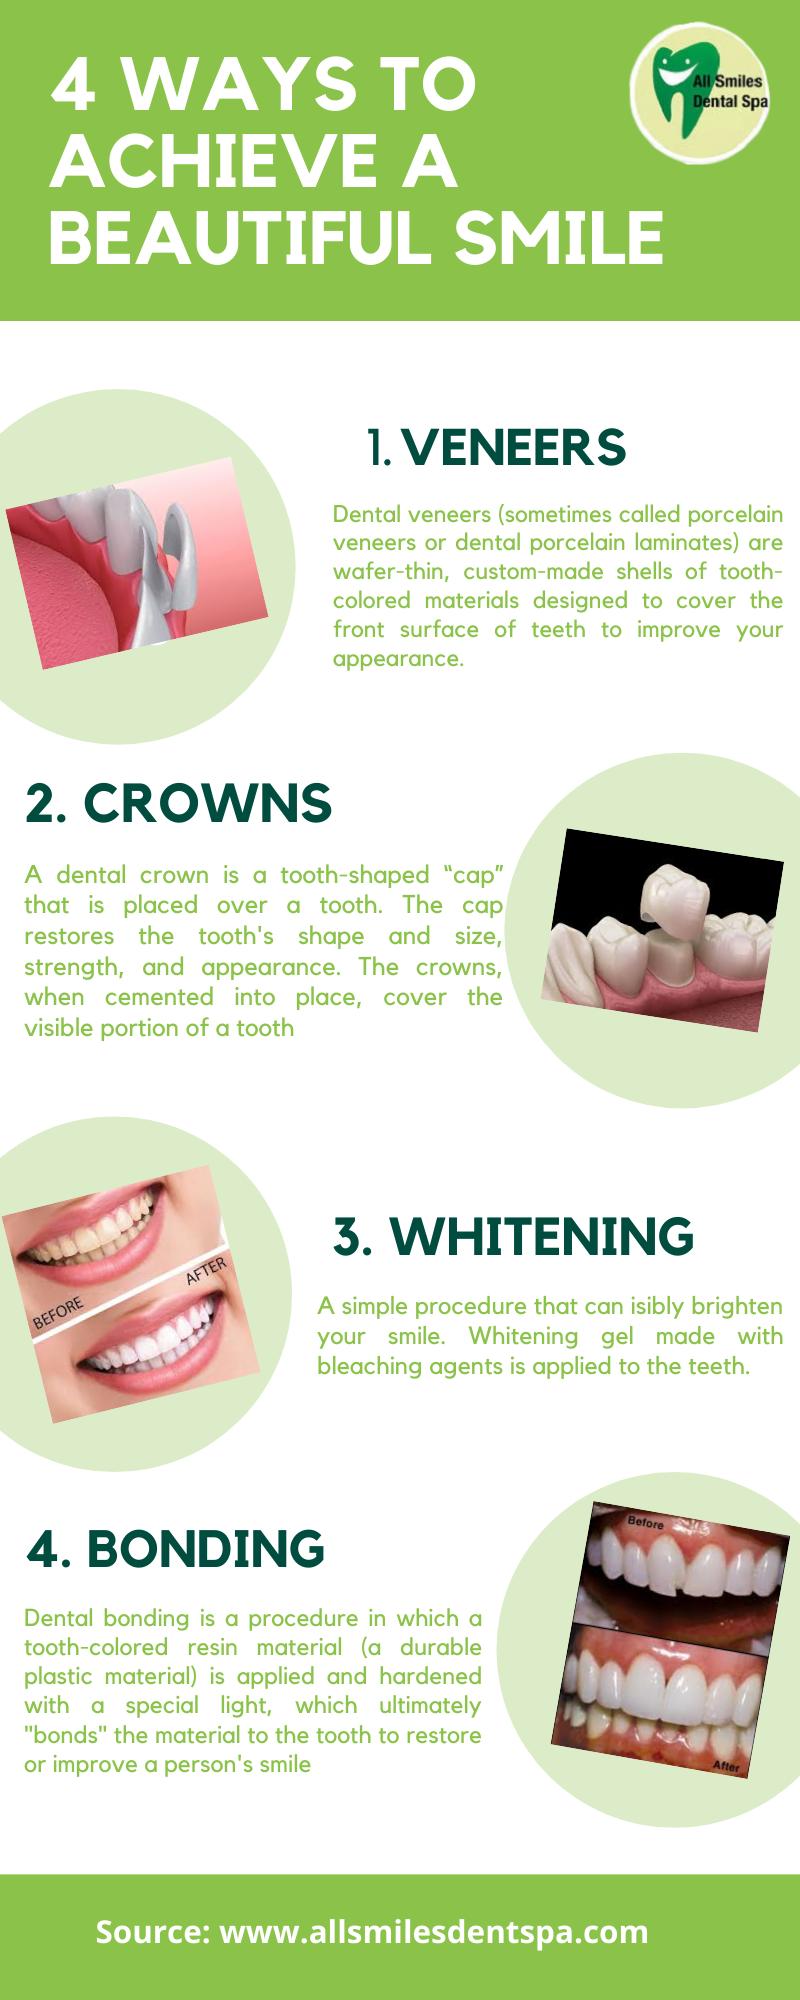 4 Ways to Achieve a Beautiful Smile | All Smiles Dental Spa Dubai